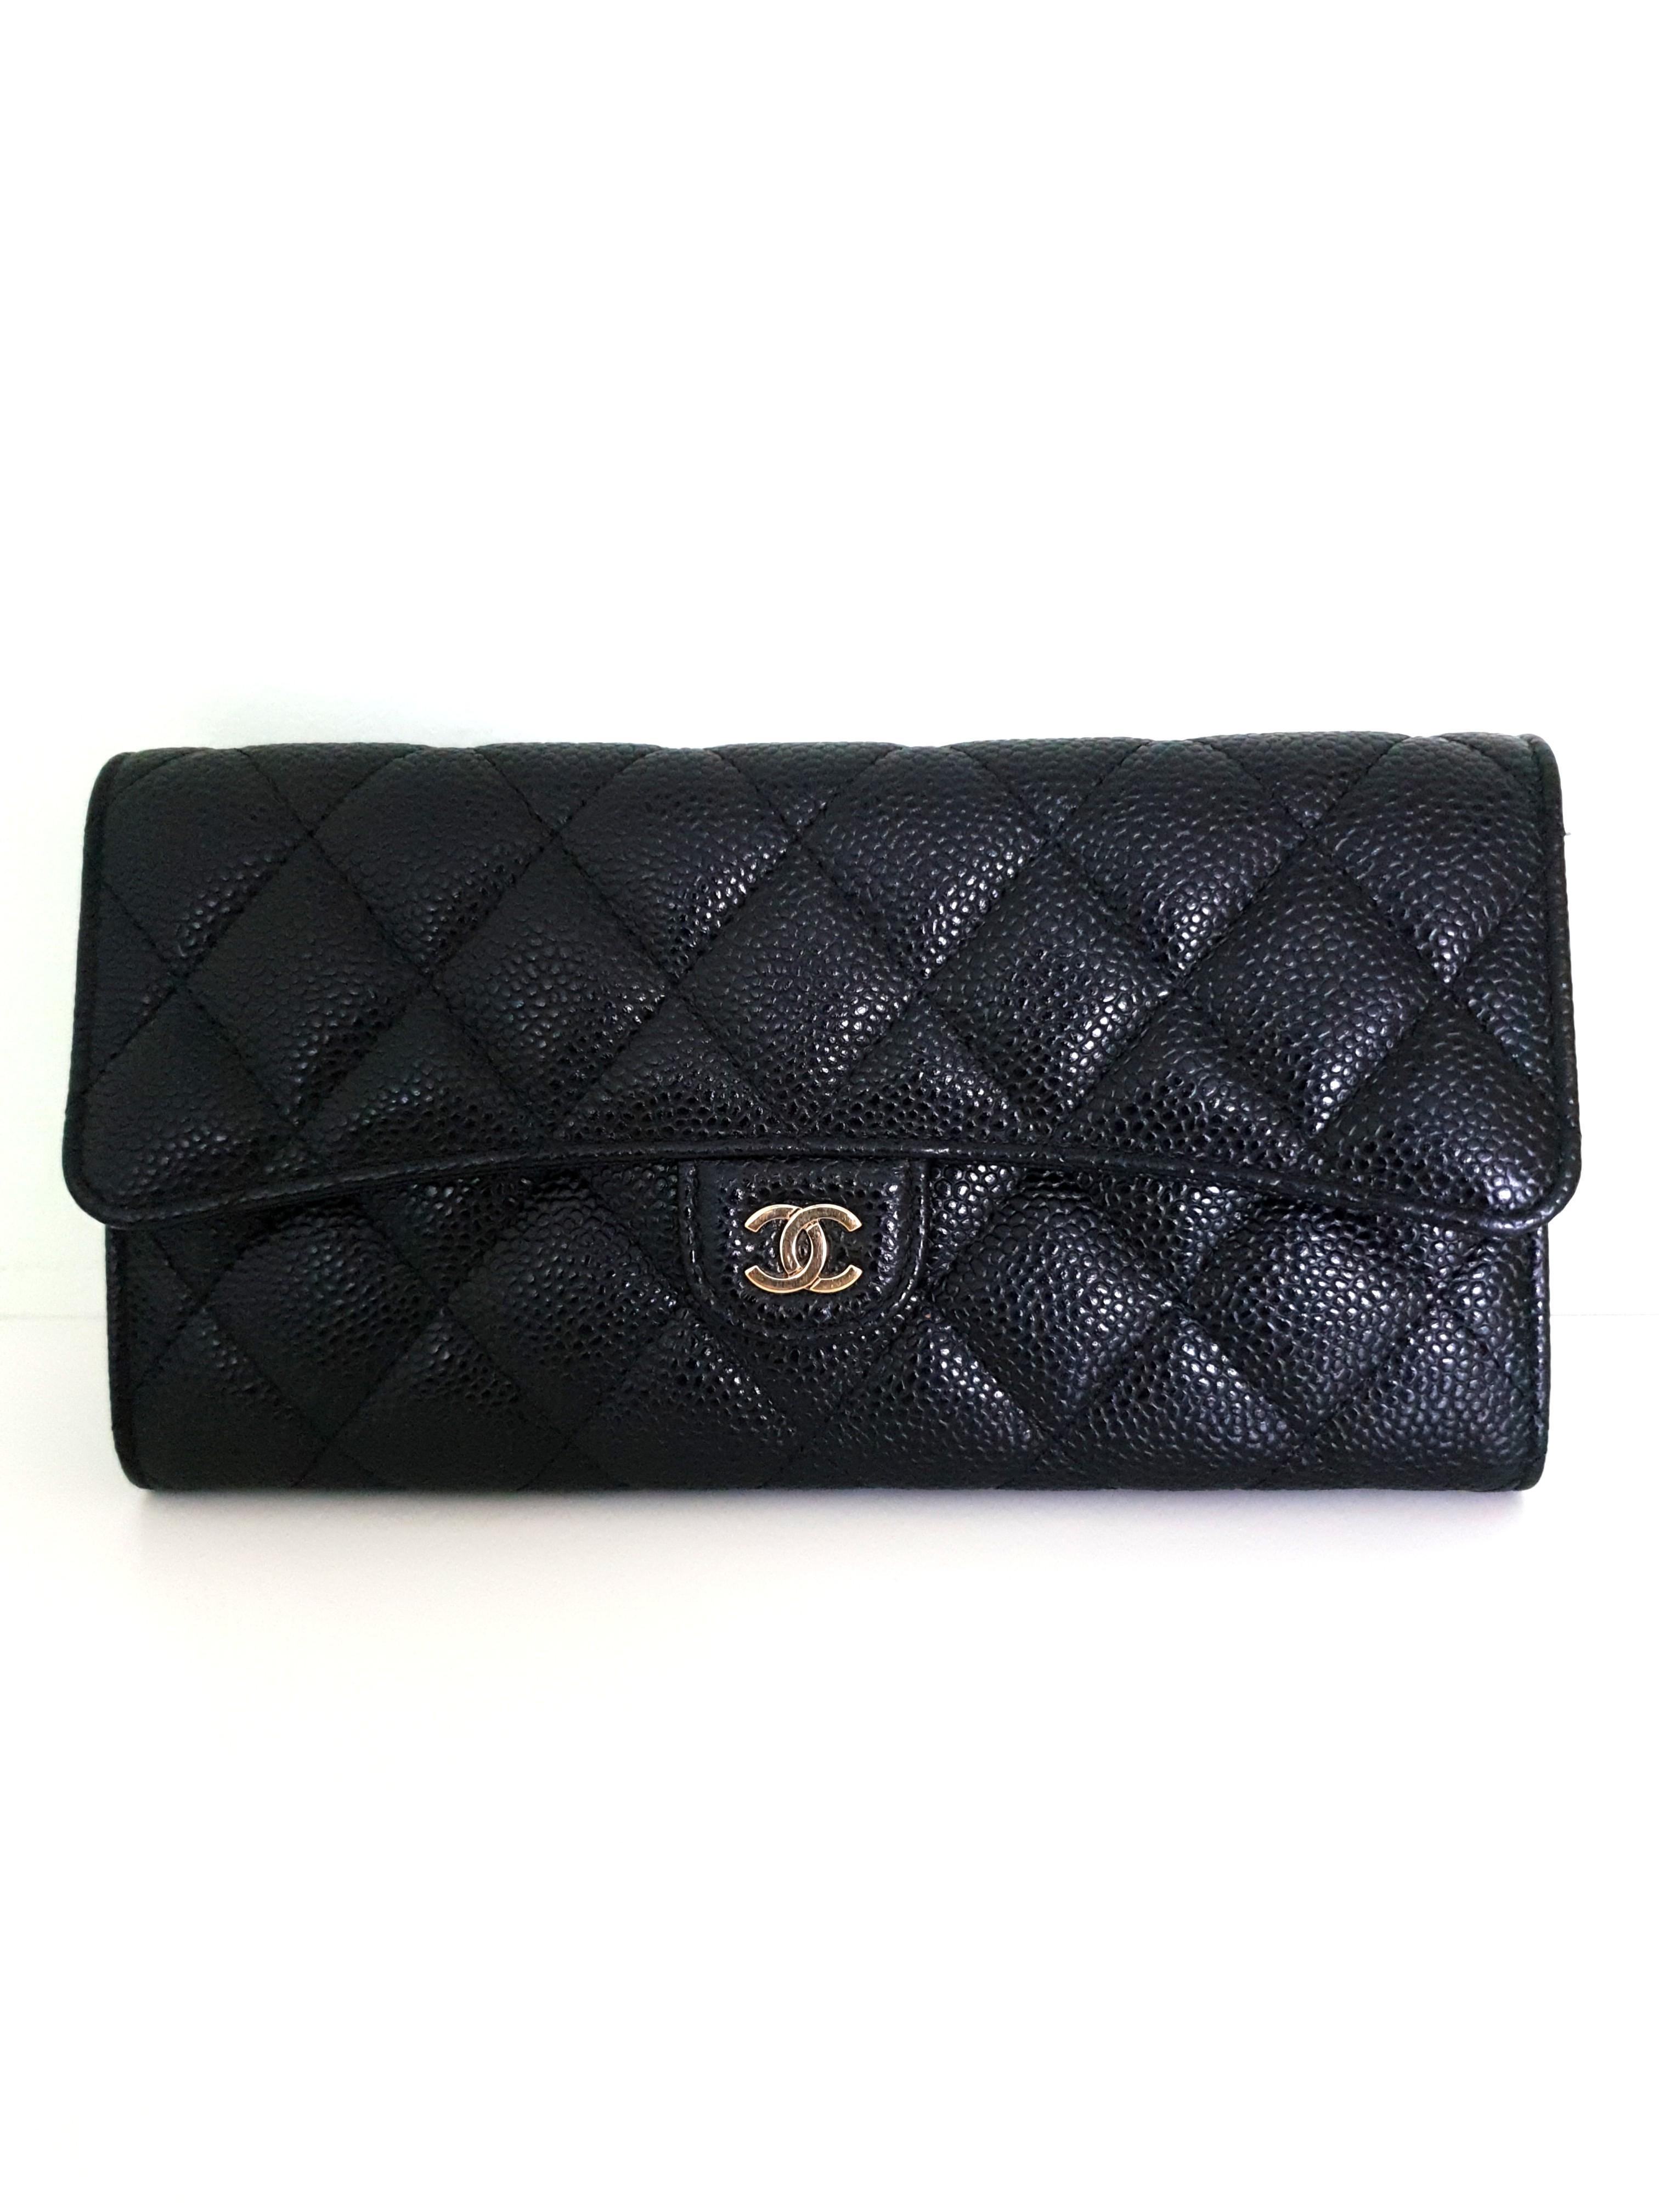 5d533b403ab6 Chanel Flap Wallet in GHW